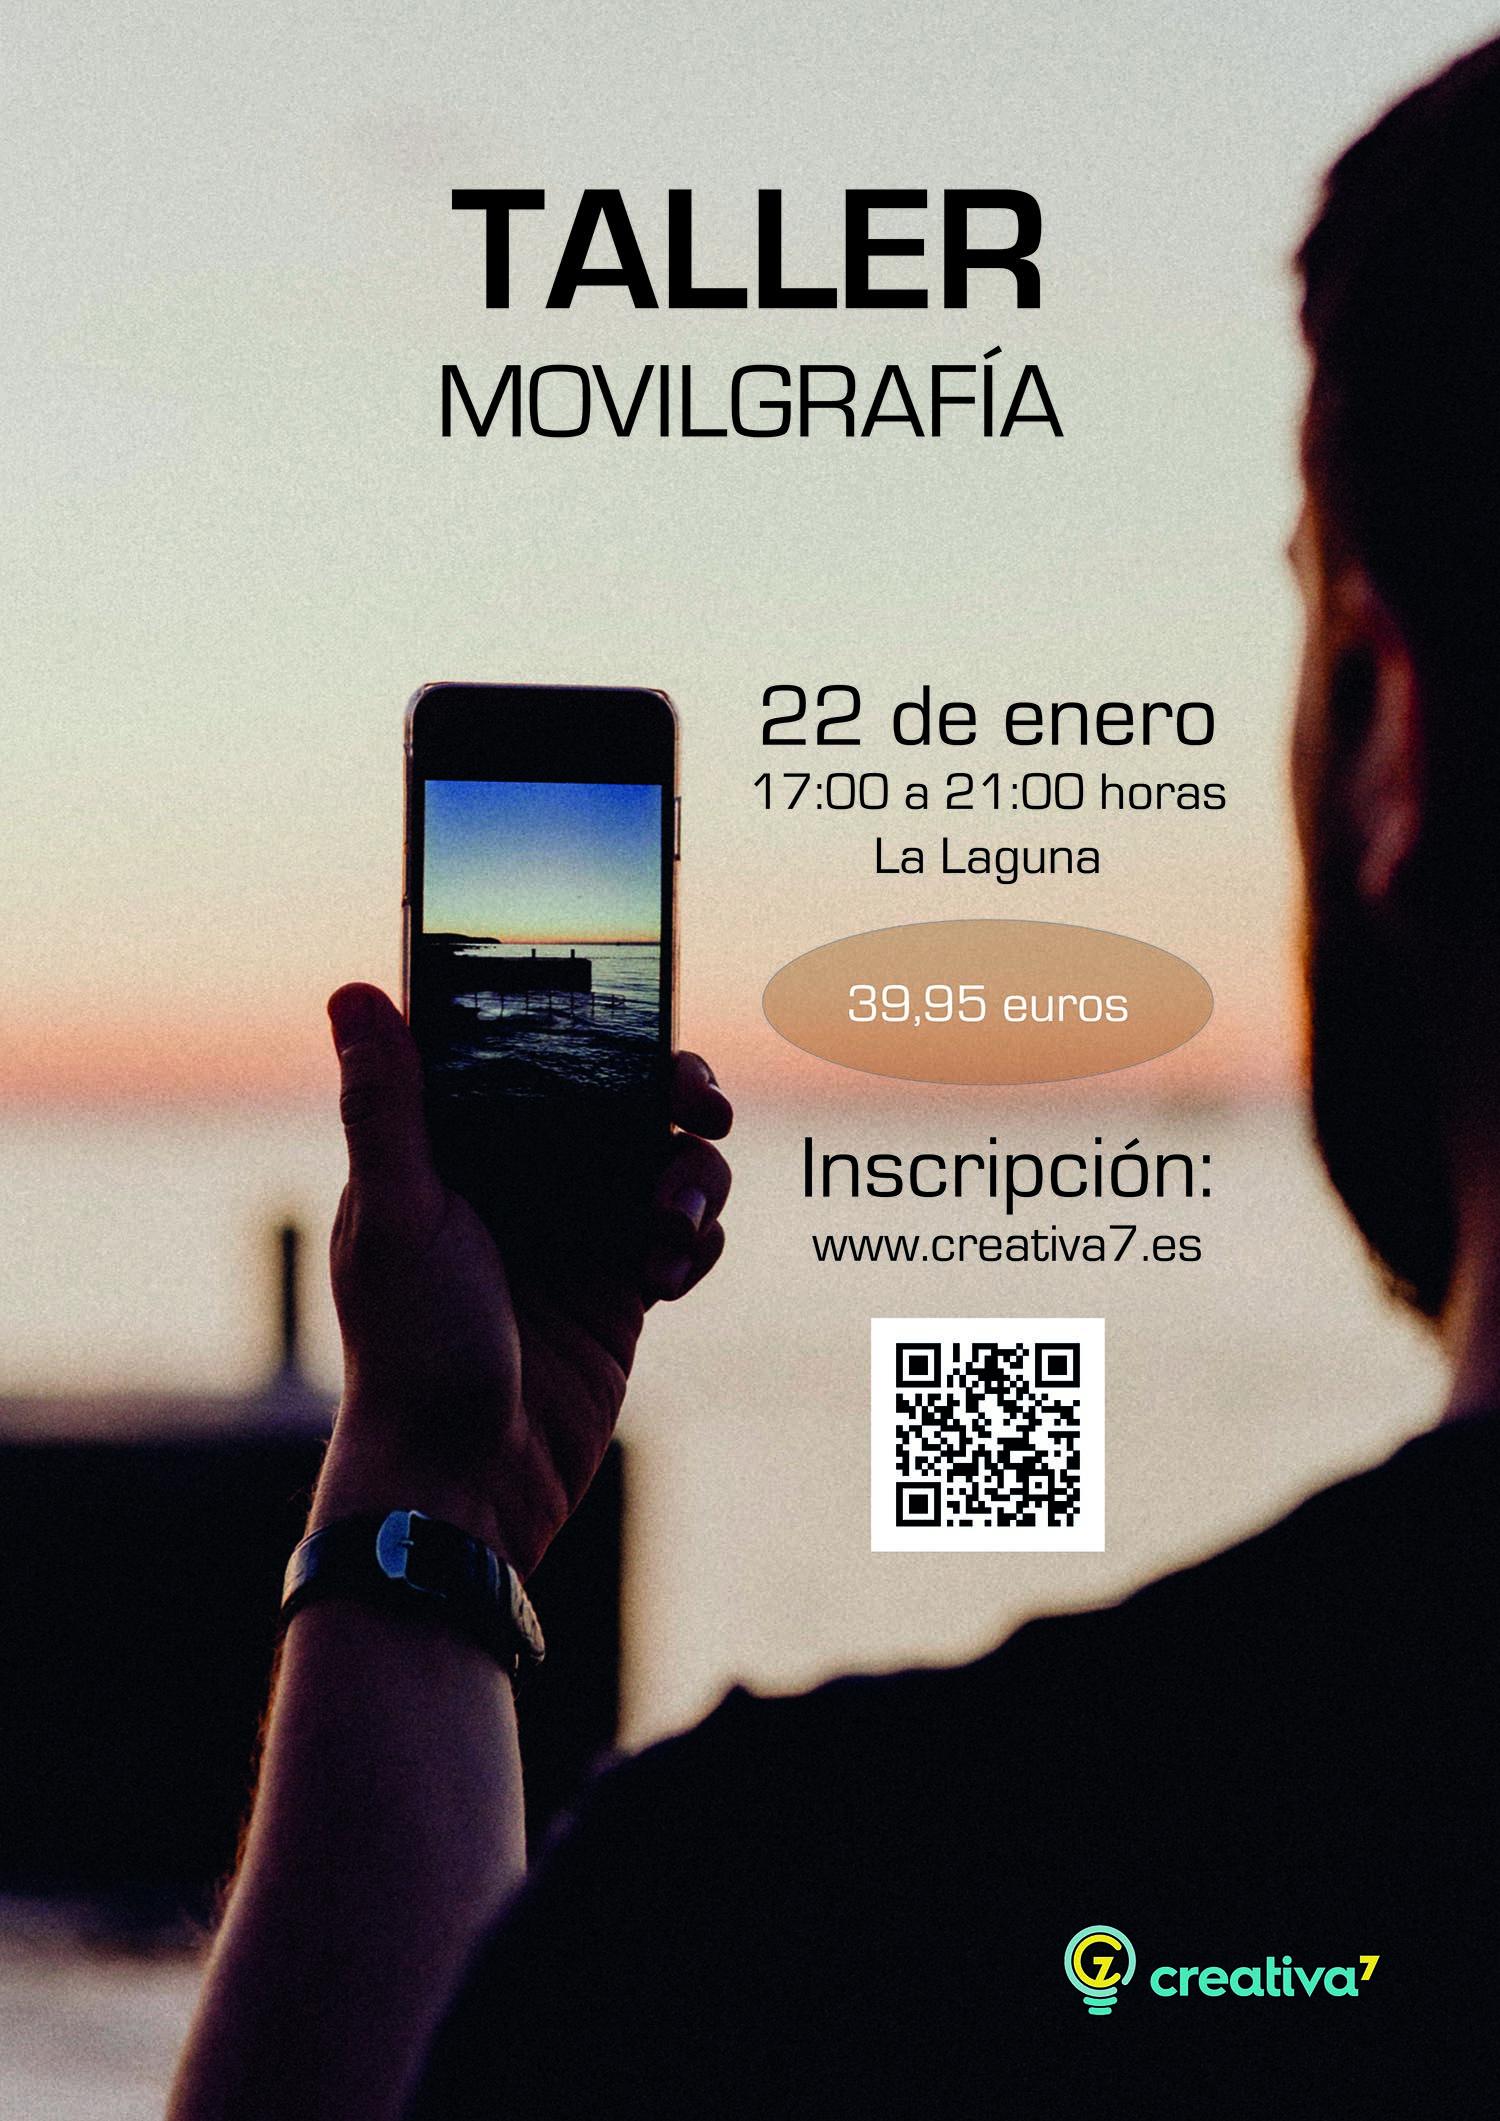 Movilgrafía